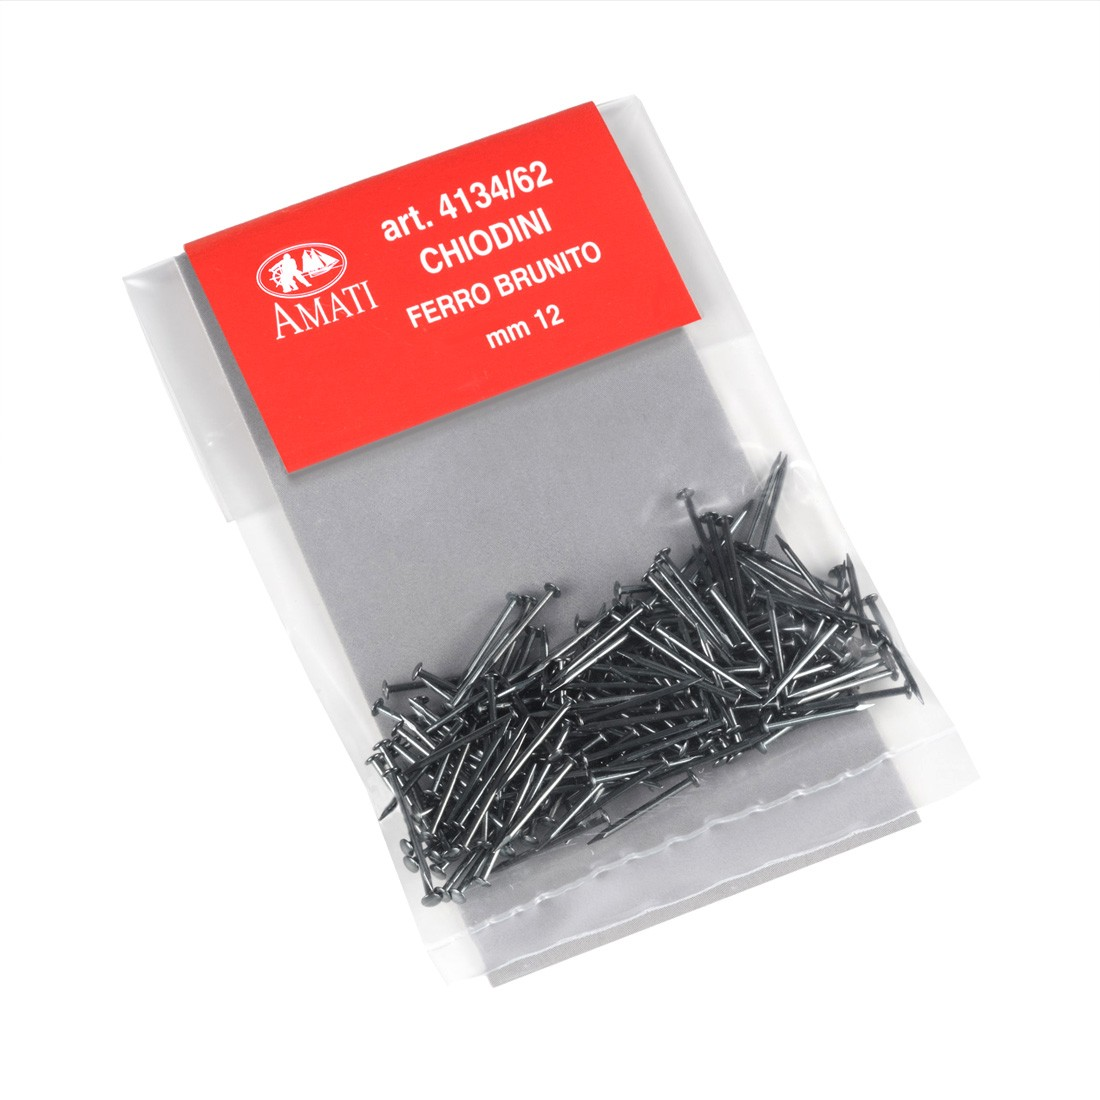 Chiodini ferro brunito mm.0,8x12